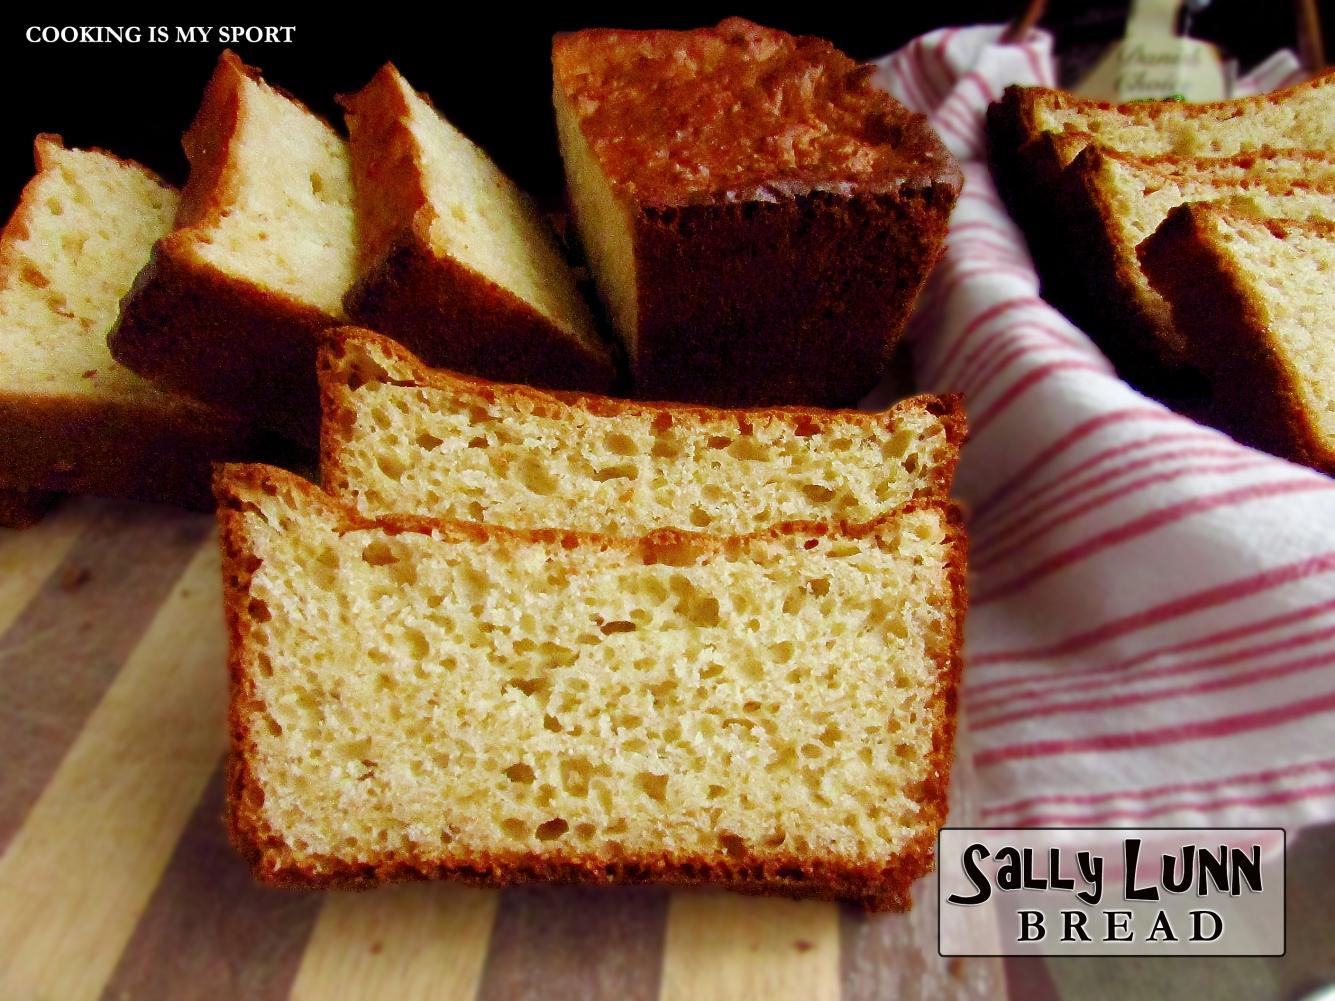 Sally Lunn Bread3